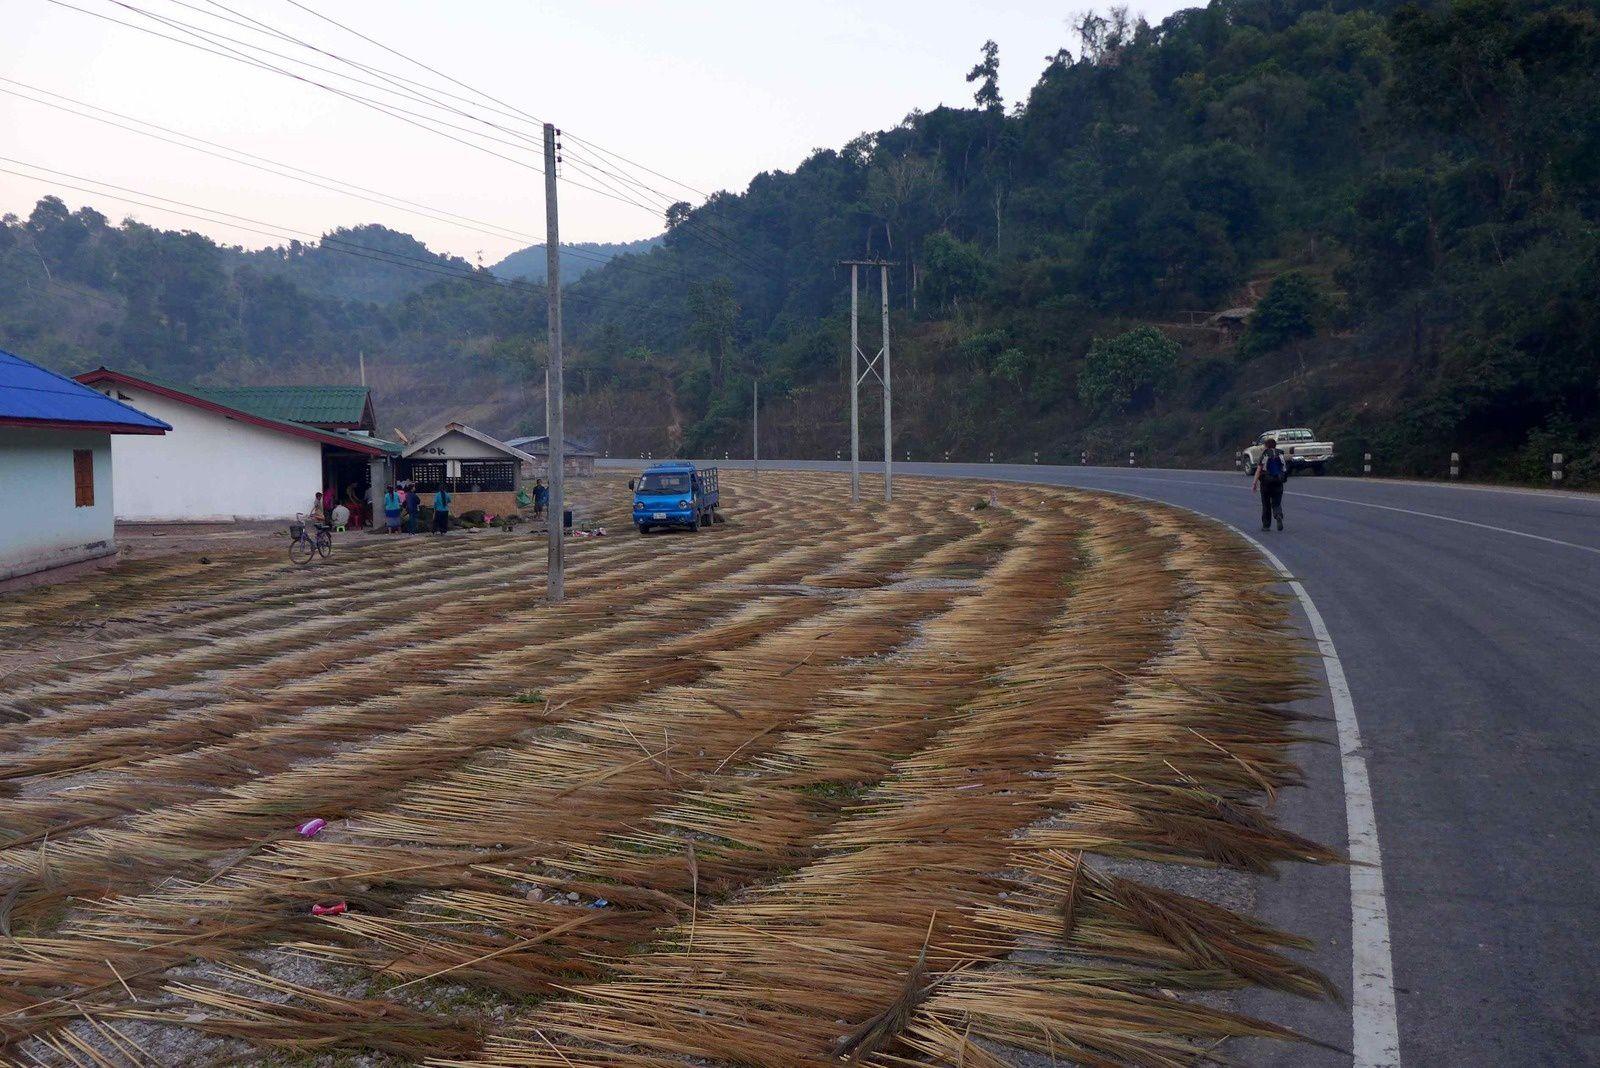 Le Laos: De surprises en surprises